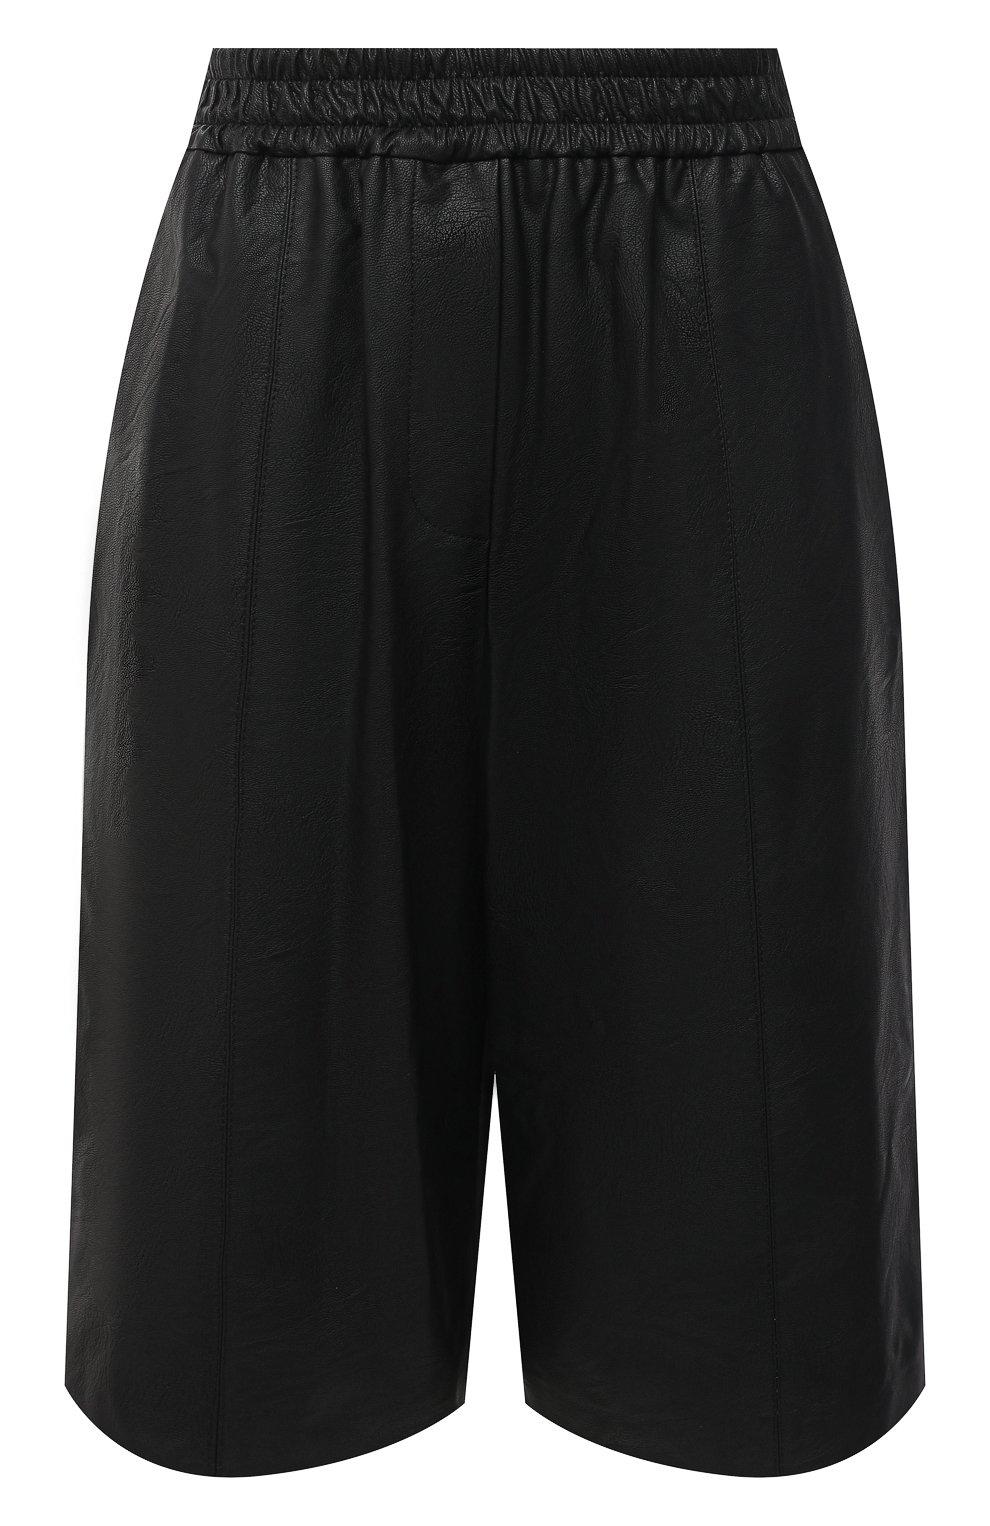 Женские шорты из экокожи NUDE черного цвета, арт. 1103028/SH0RTS | Фото 1 (Женское Кросс-КТ: Шорты-одежда; Материал внешний: Синтетический материал, Вискоза; Кросс-КТ: Широкие, экокожа; Стили: Спорт-шик; Длина Ж (юбки, платья, шорты): До колена)